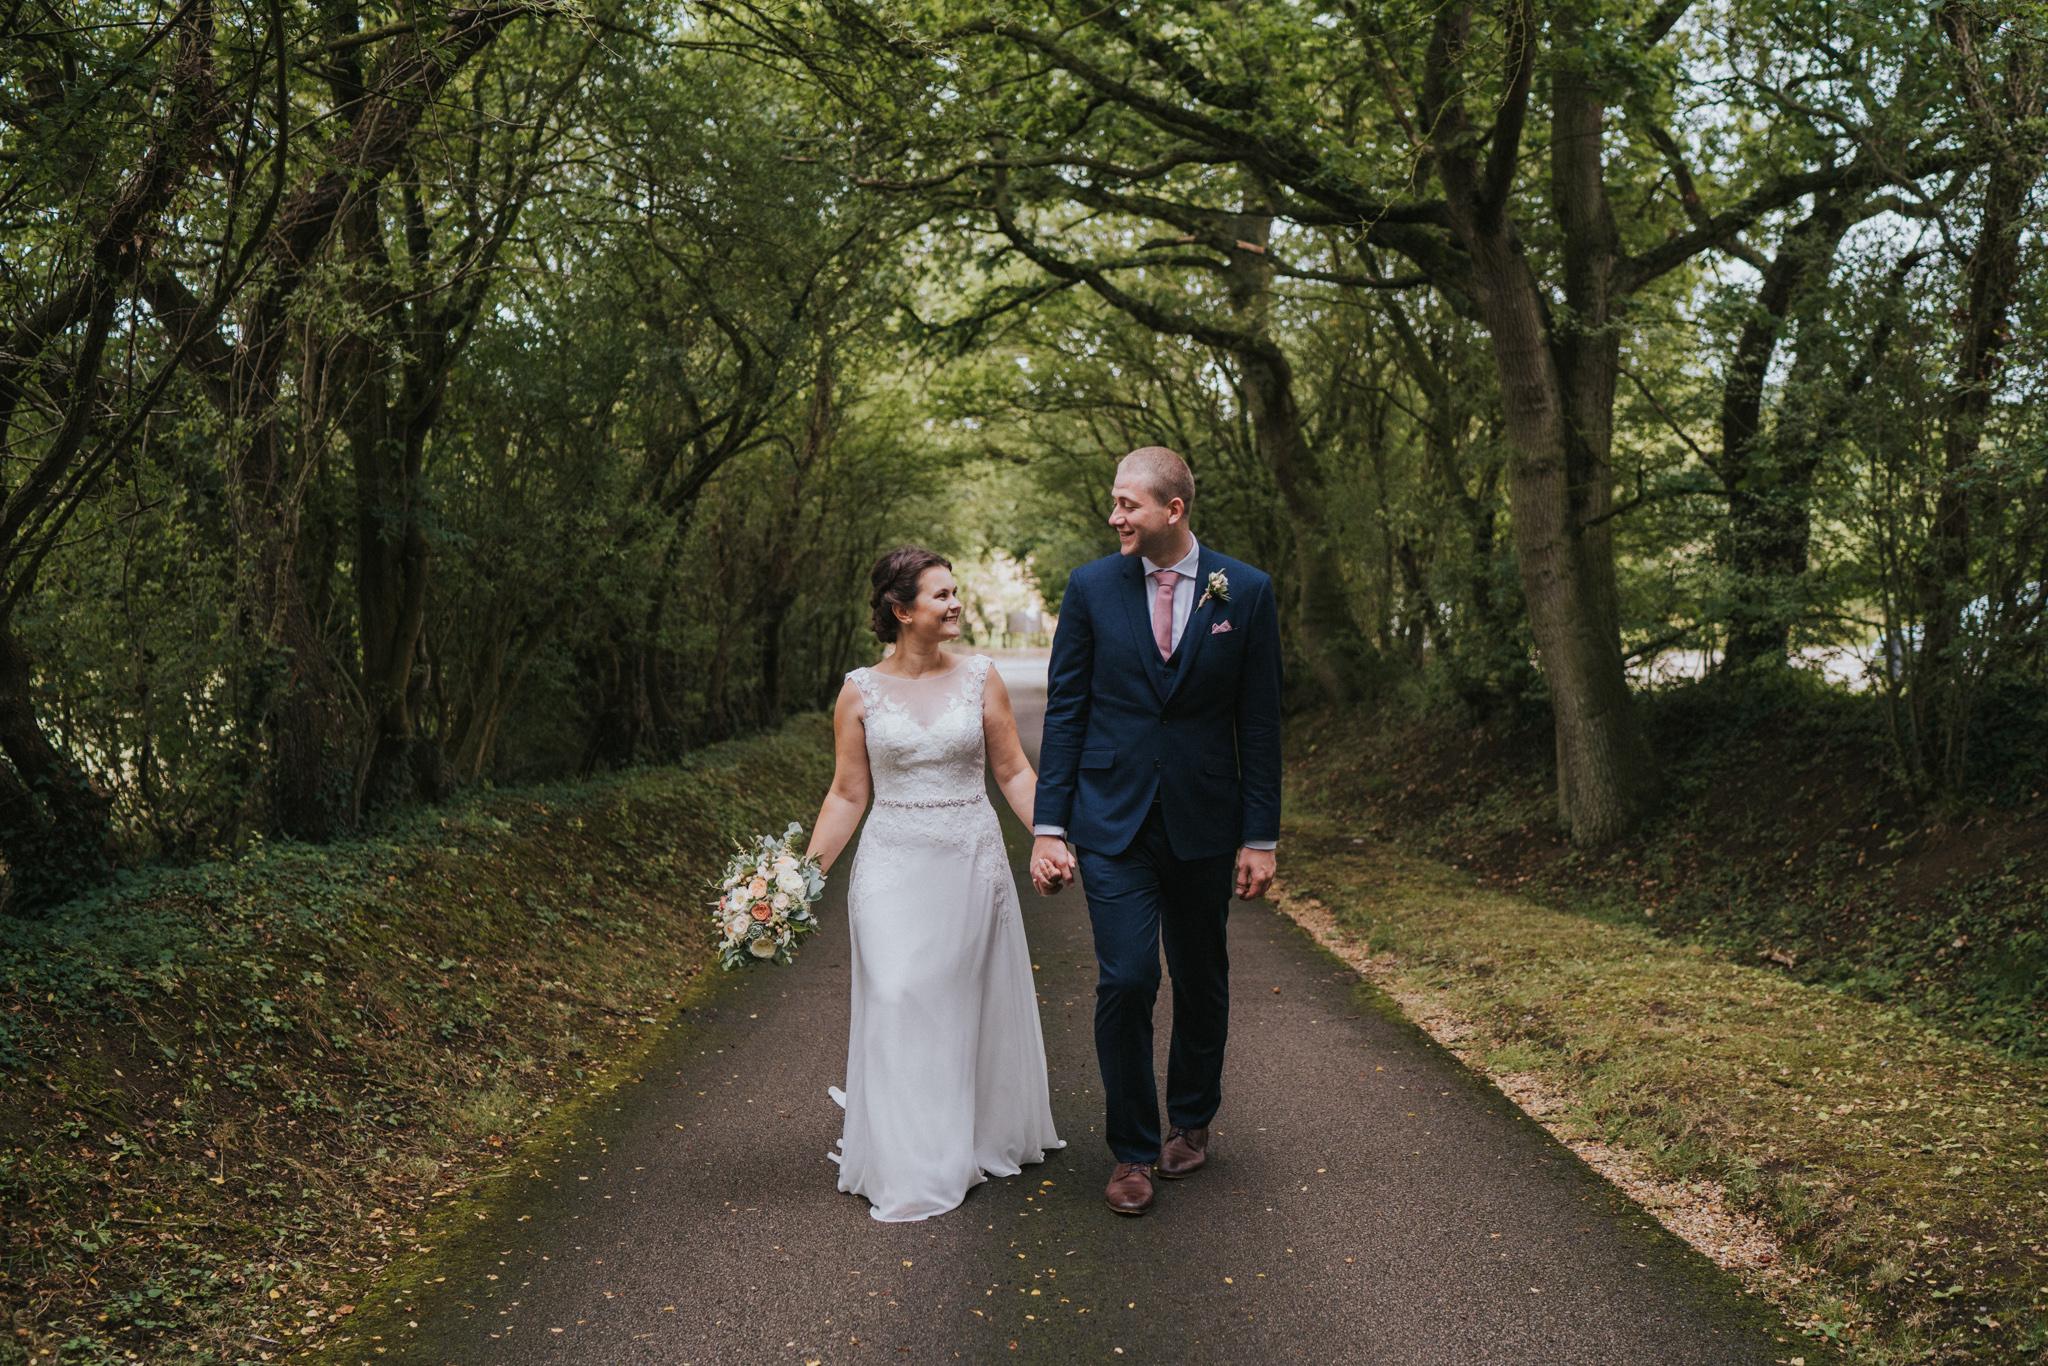 emily-dominic-barrandov-opera-house-grace-elizabeth-colchester-essex-alternative-wedding-lifestyle-photographer-essex-suffolk-norfolk-devon (42 of 54).jpg